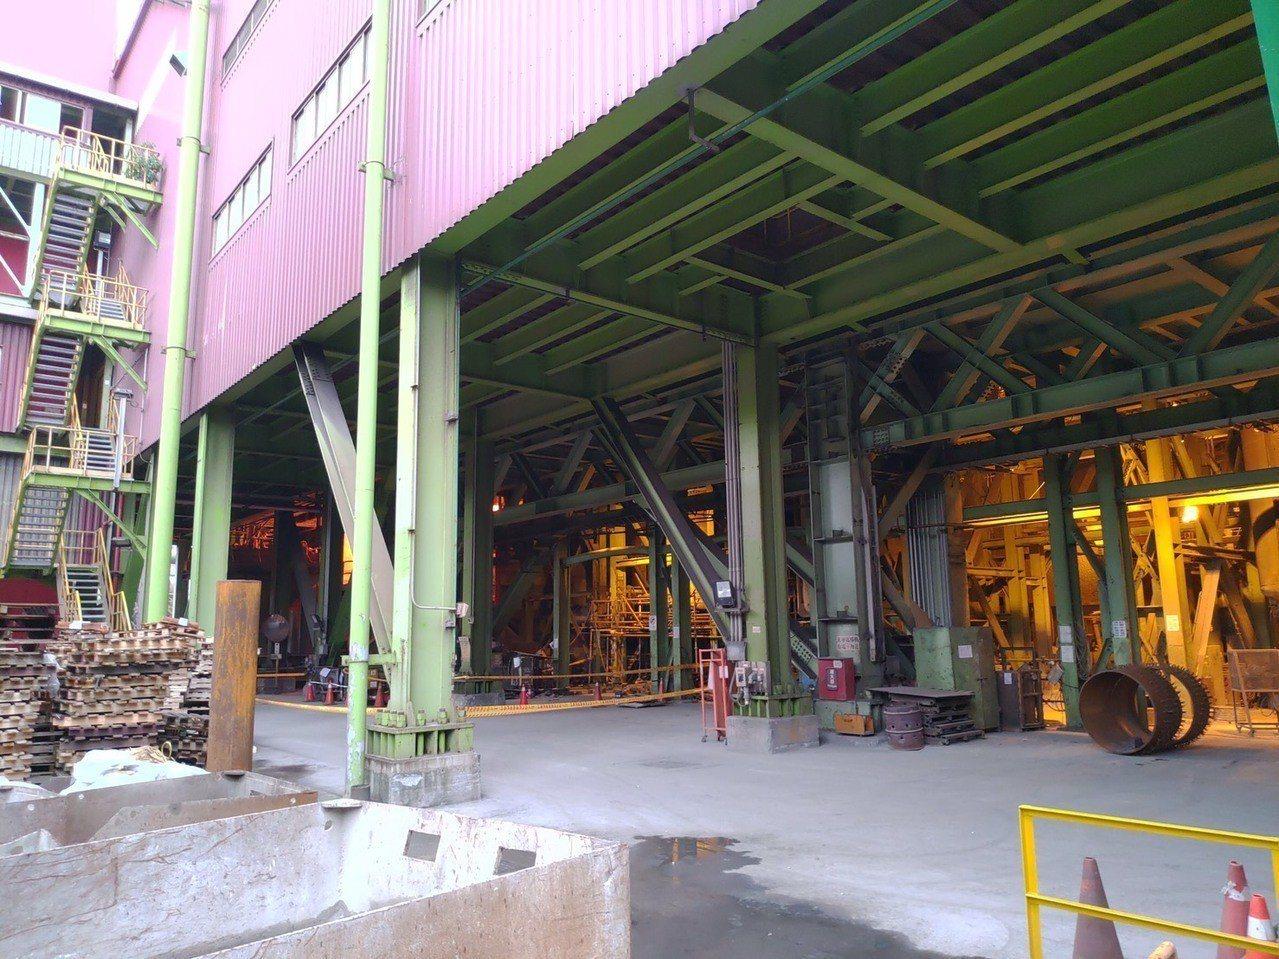 中鋼公司煉鋼廠發生意外,三名員工在公司執行真空處理槽檢修作業時遭耐火磚砸中頭部。...